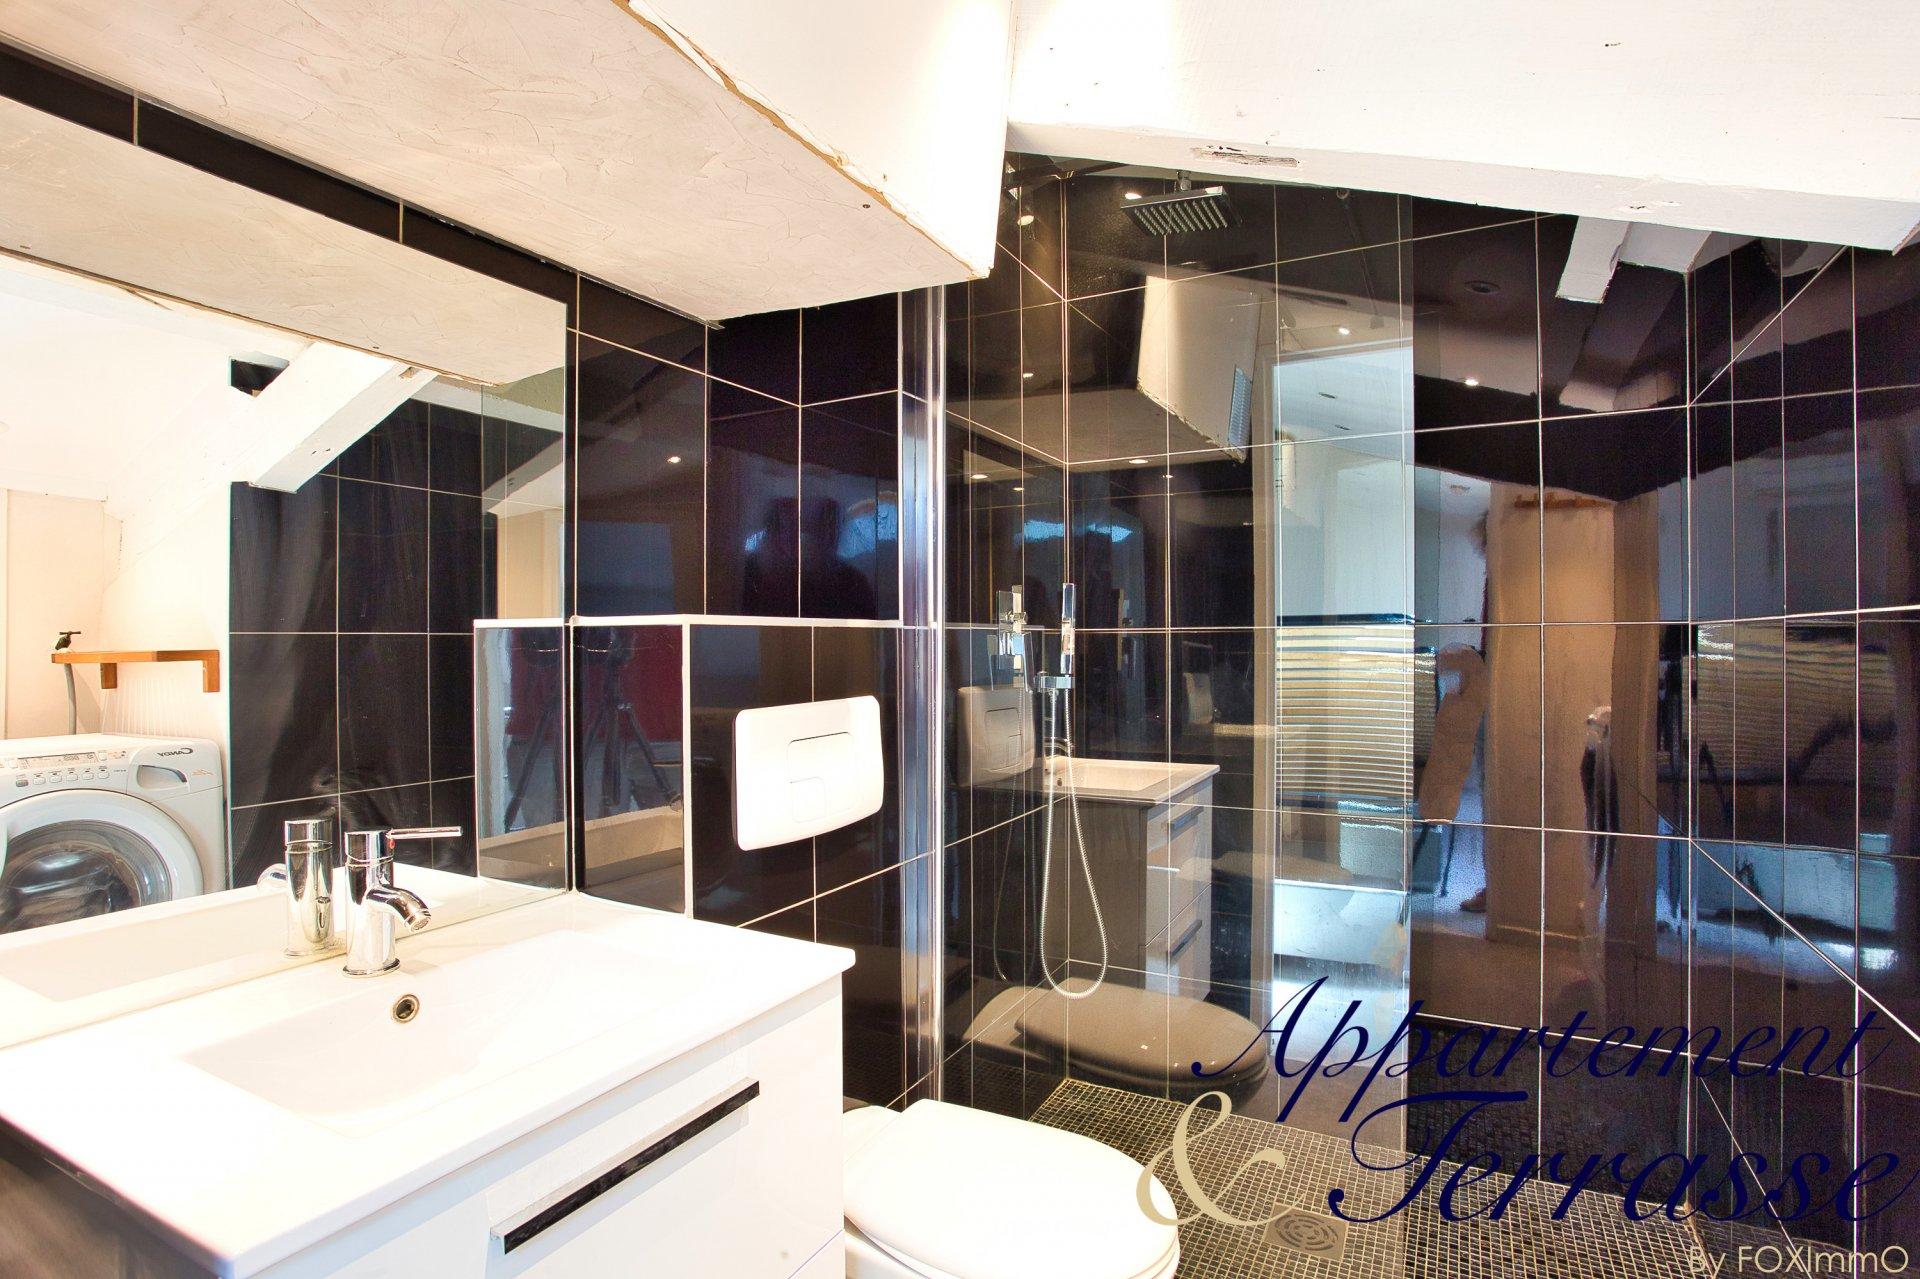 Sulla Costa Azzurra, superbo appartamento di 2 stanze con mezzanino all'ultimo piano, balcone, tranquillo, parcheggio